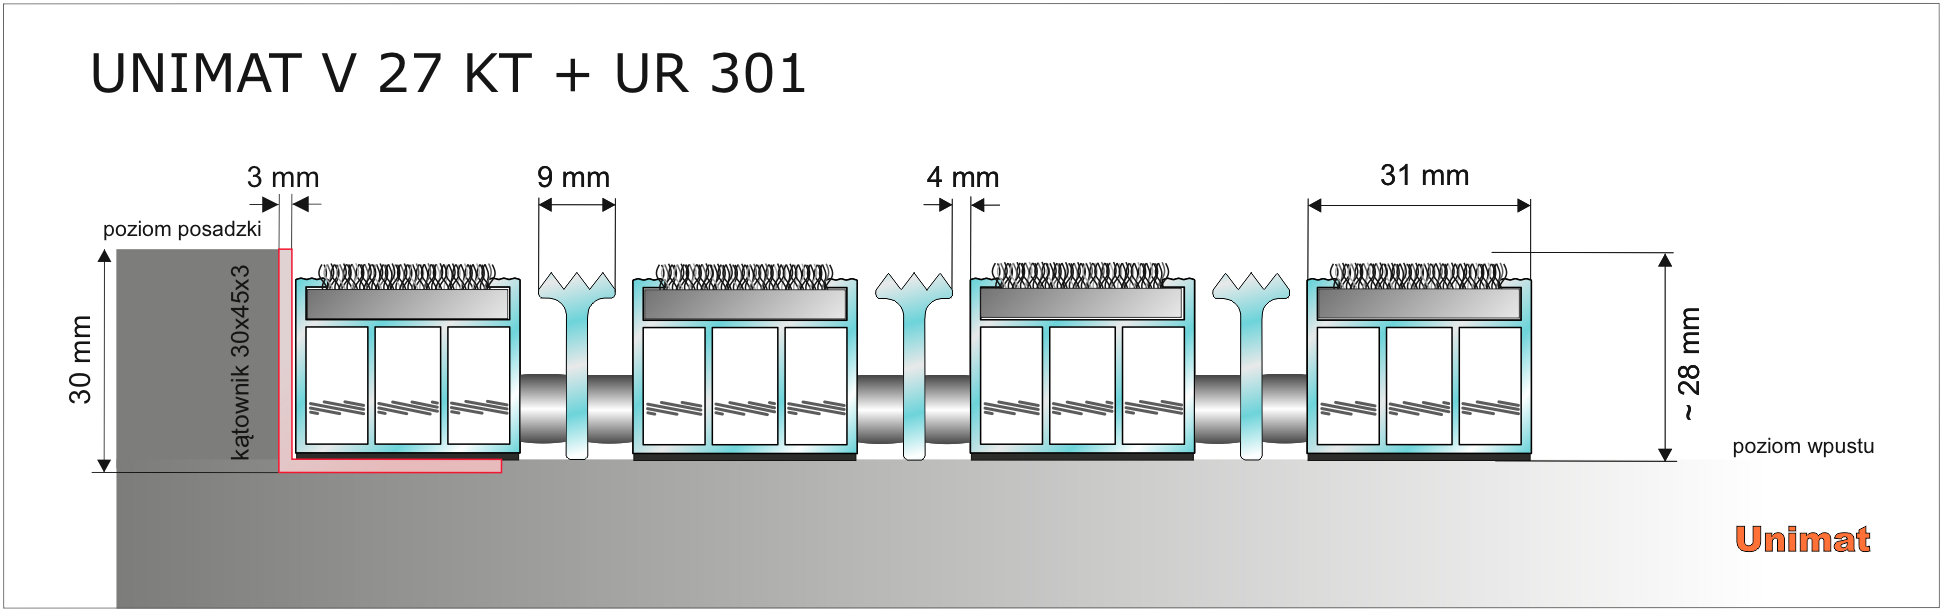 Unimat V 27 KT + UR301.png